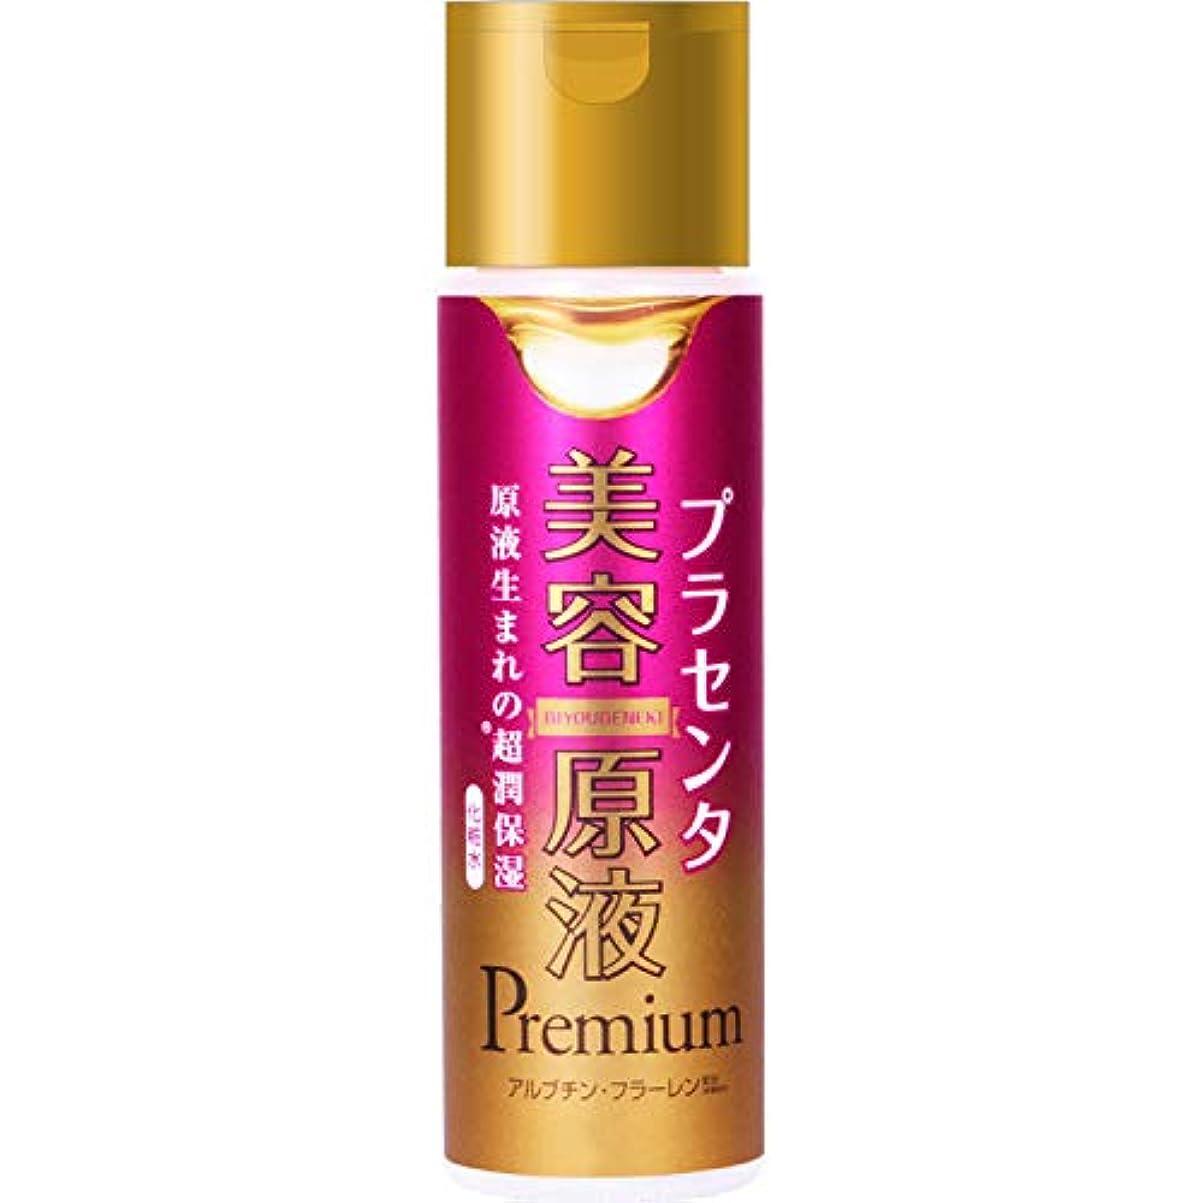 あいまいなレインコート美容原液 超潤化粧水 アルブチン&プラセンタ 185mL (化粧水 くすみケア 高保湿)